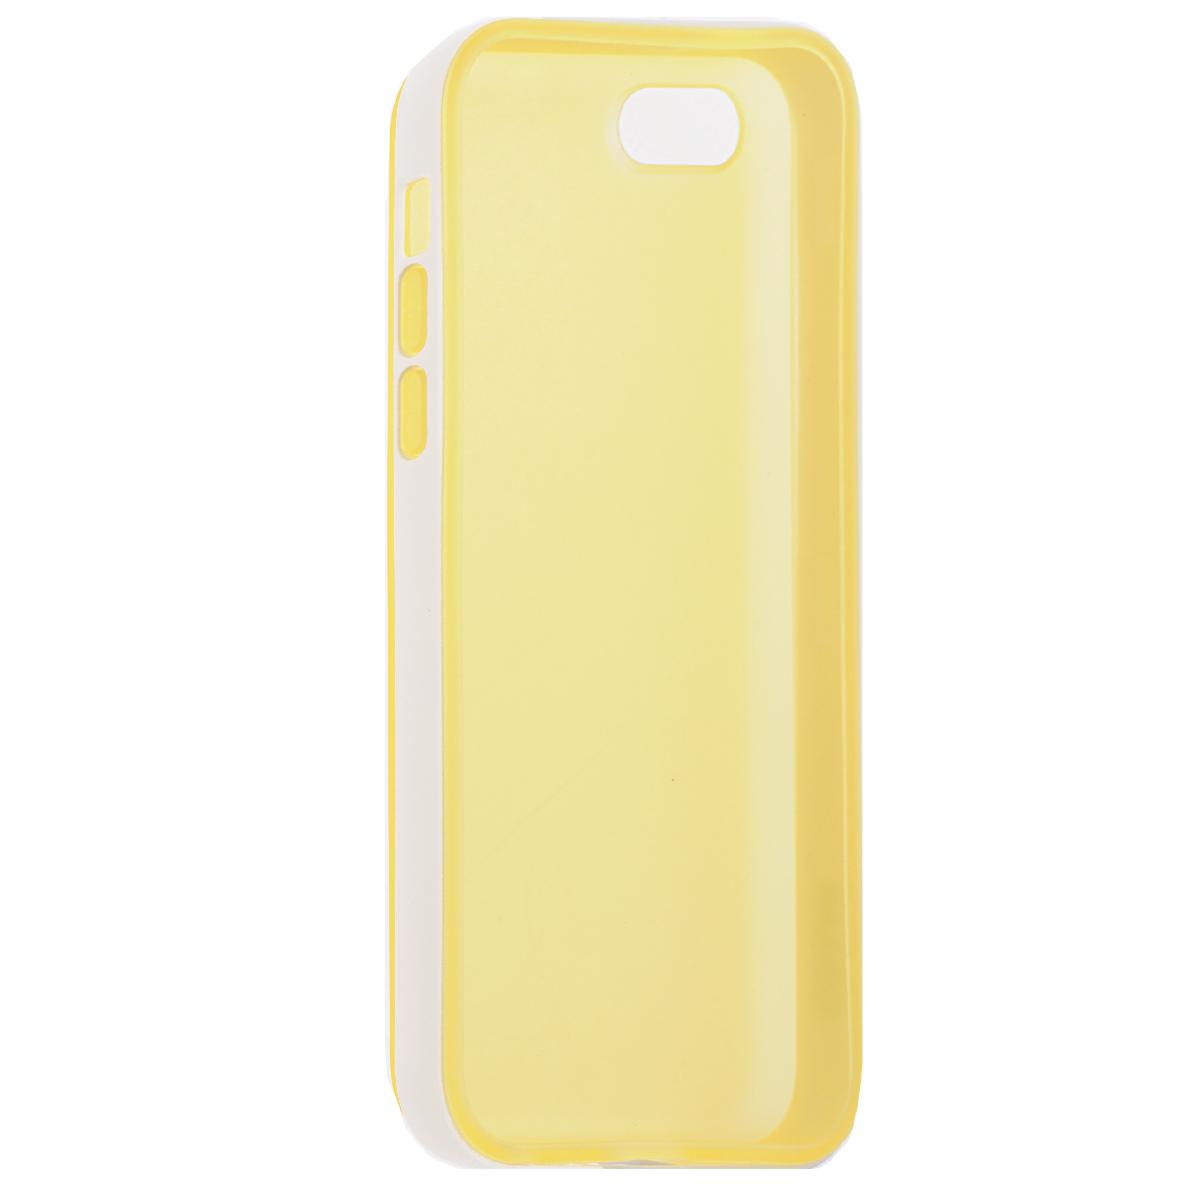 Gissar Scene чехол для Apple iPhone 5c, Yellow51976Чехол Gissar Scene для iPhone 5C предназначен для защиты корпуса смартфона от механических повреждений и царапин в процессе эксплуатации. Имеет свободный доступ ко всем разъемам и кнопкам устройства. Чехол можно использовать как бампер, убрав заднюю часть.